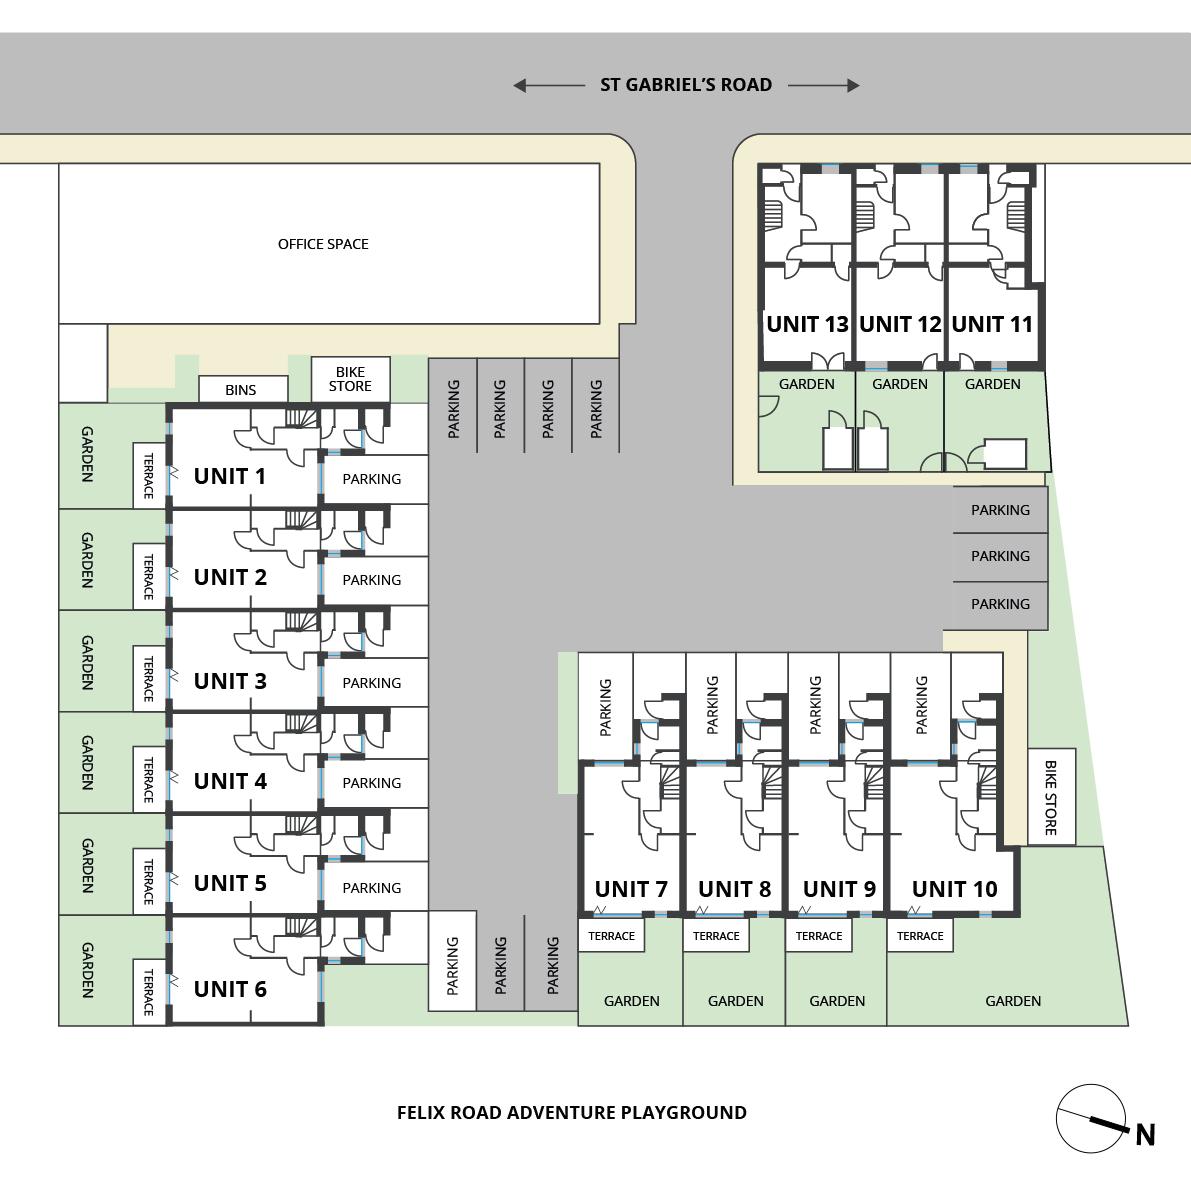 Floorplan for Siteplan